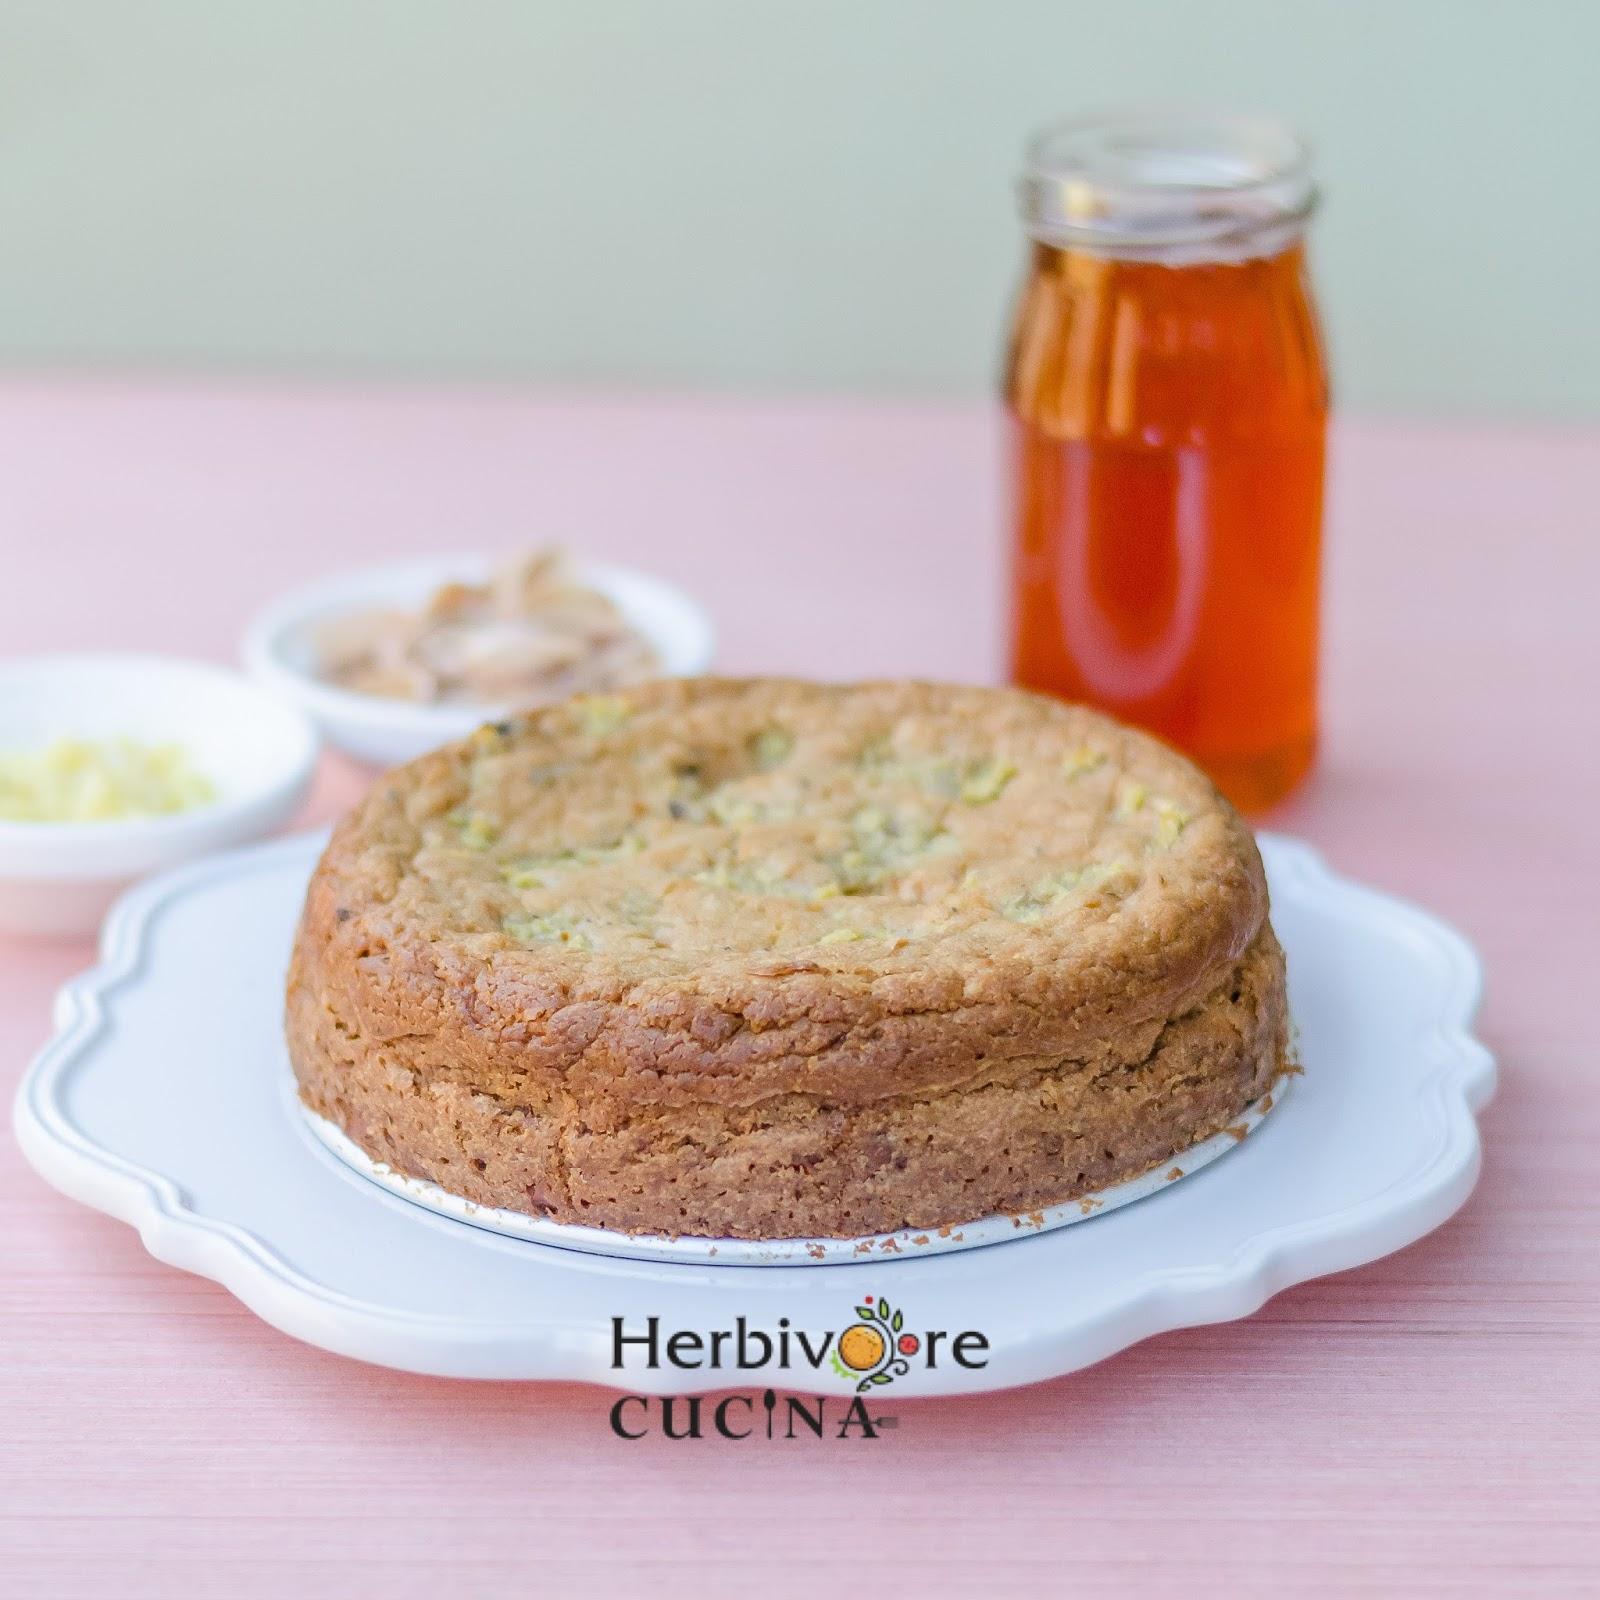 Herbivore Cucina: English Ginger Cake